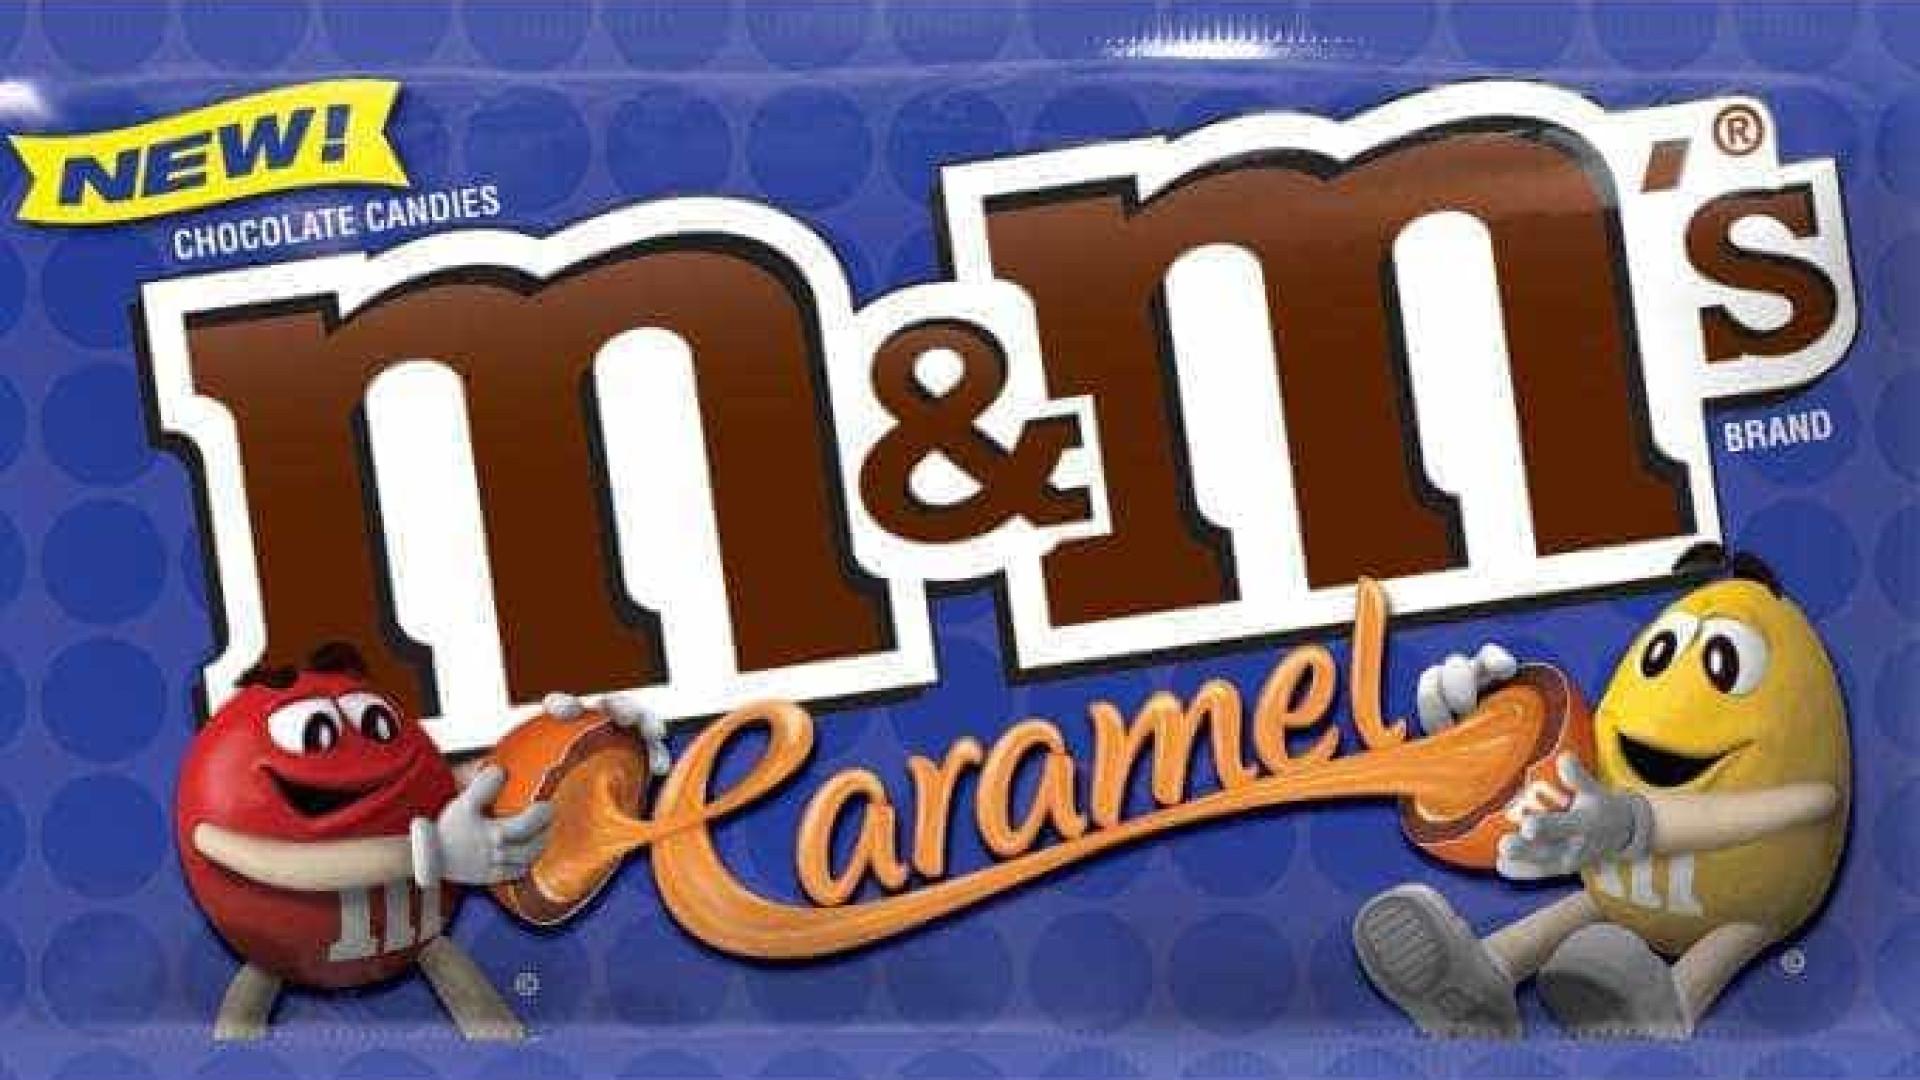 Após 75 anos de marca, chocolate M&M's terá novo recheio